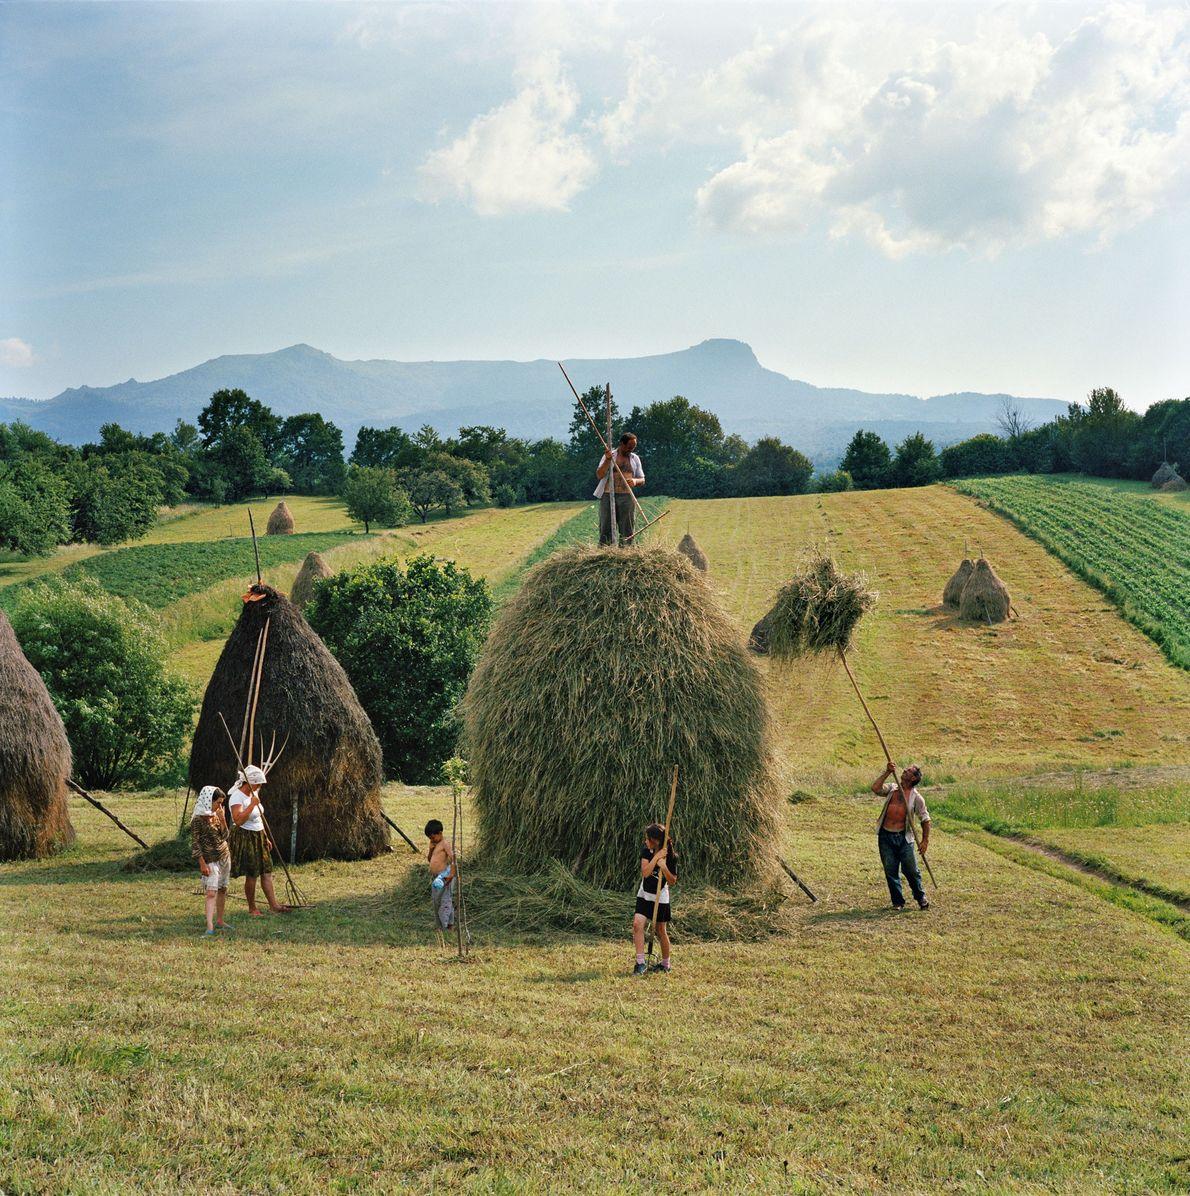 Uma família faz um monte de feno numa encosta de Breb, na Roménia.